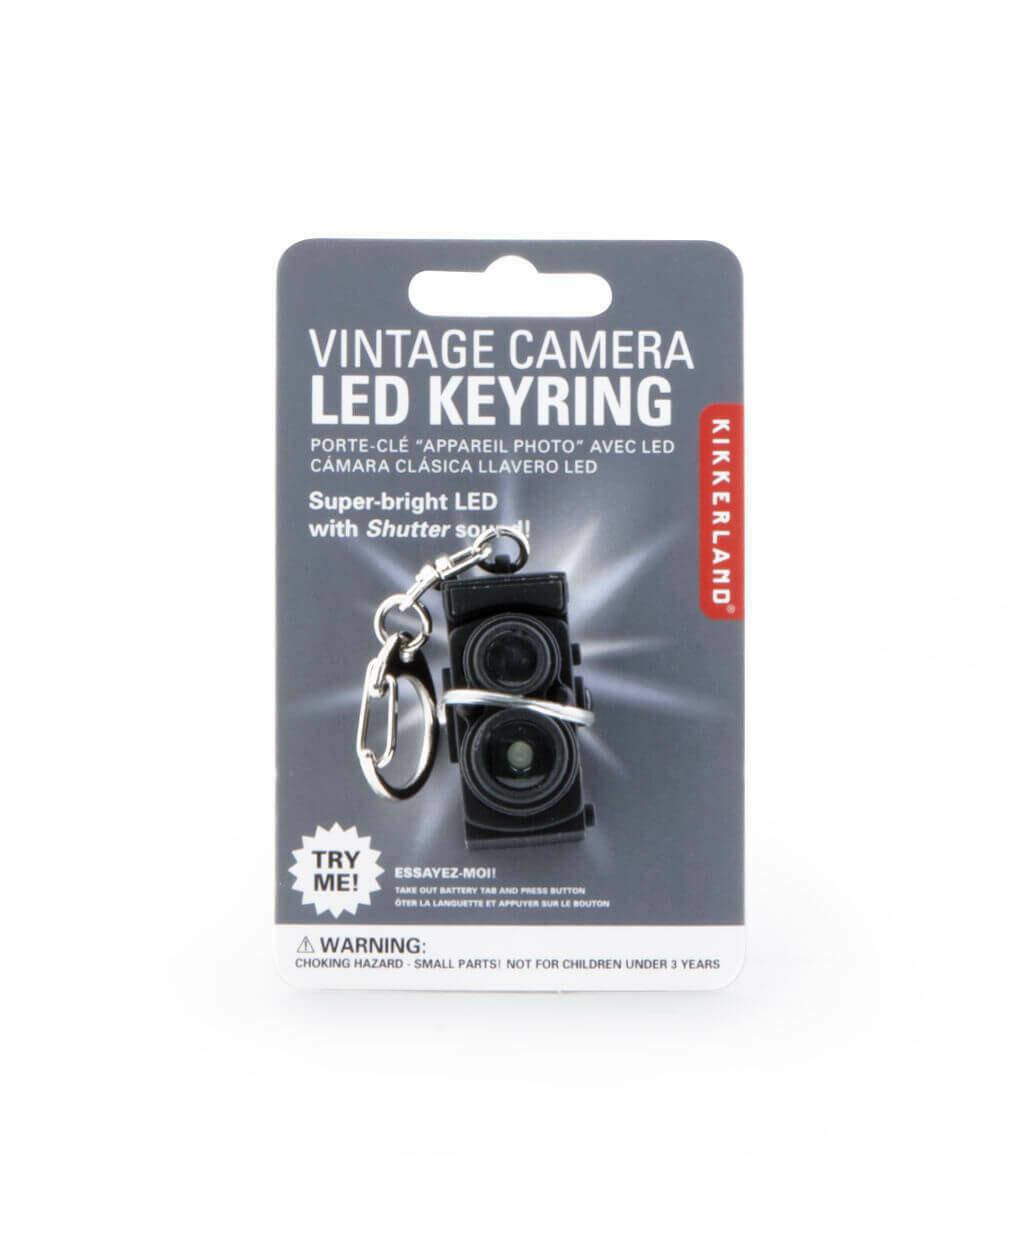 Vntg Camera Keychain /KRL24-CDU